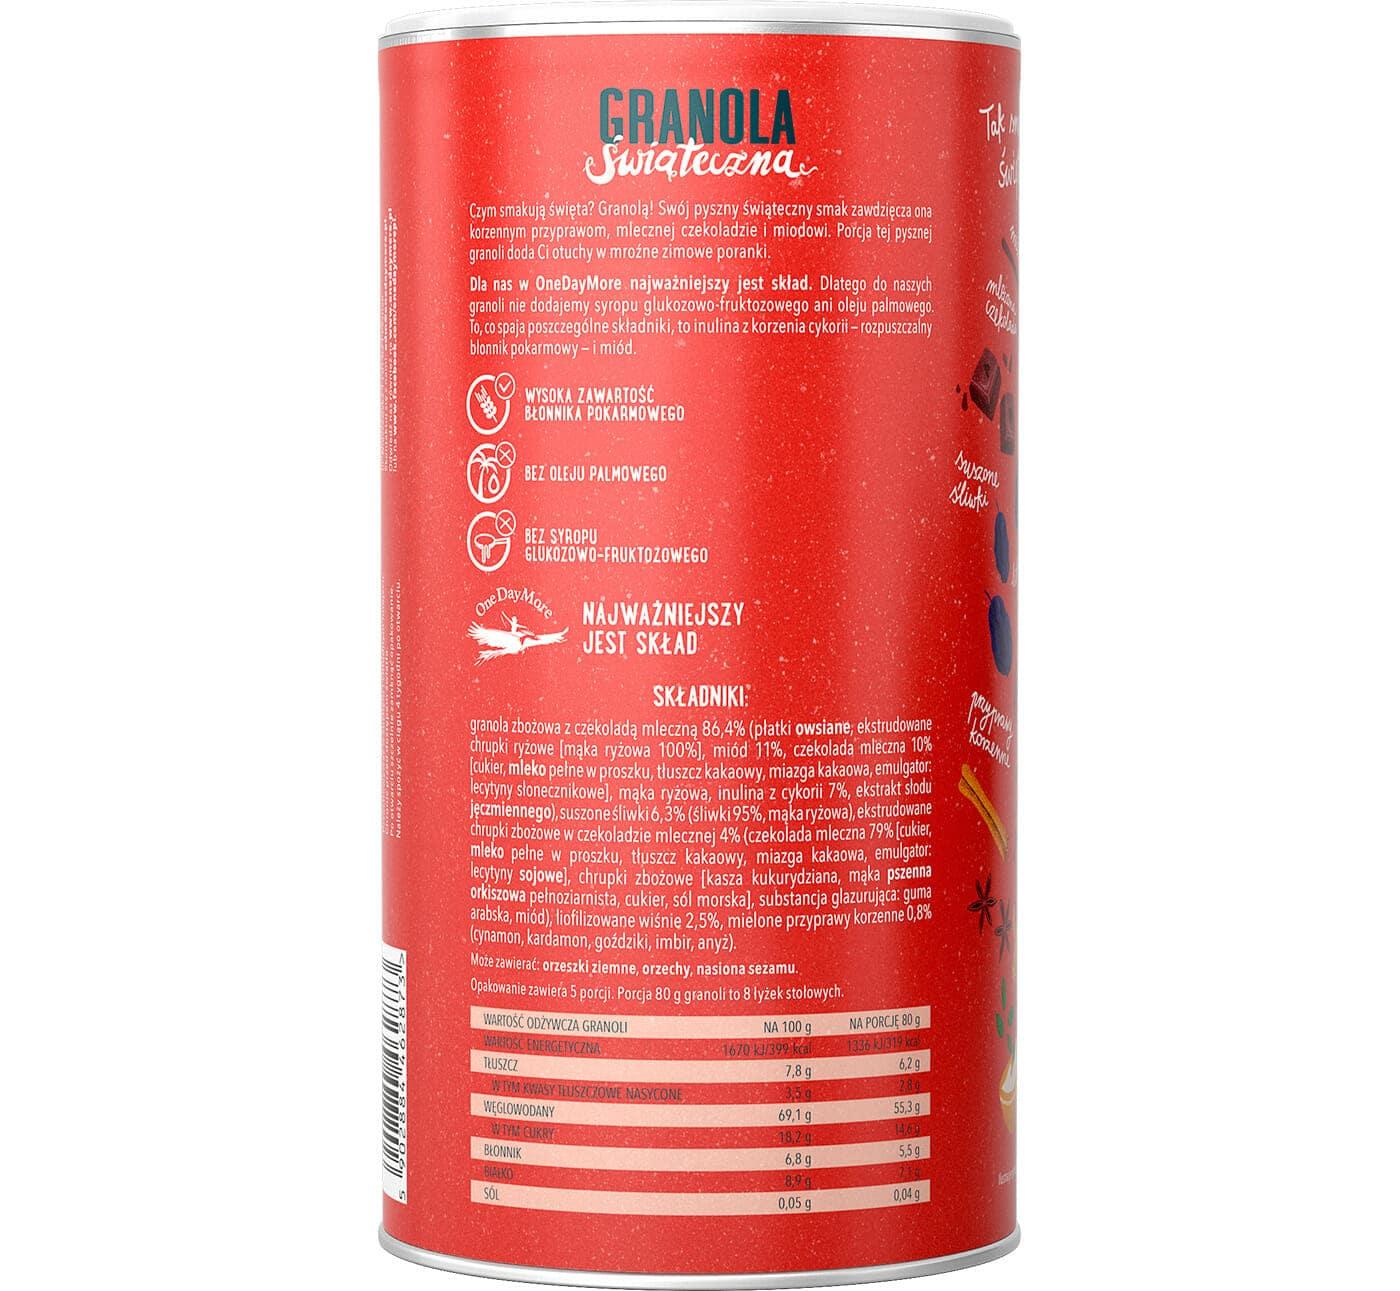 granola-swiateczna-onedaymore-tyl-1400×1291